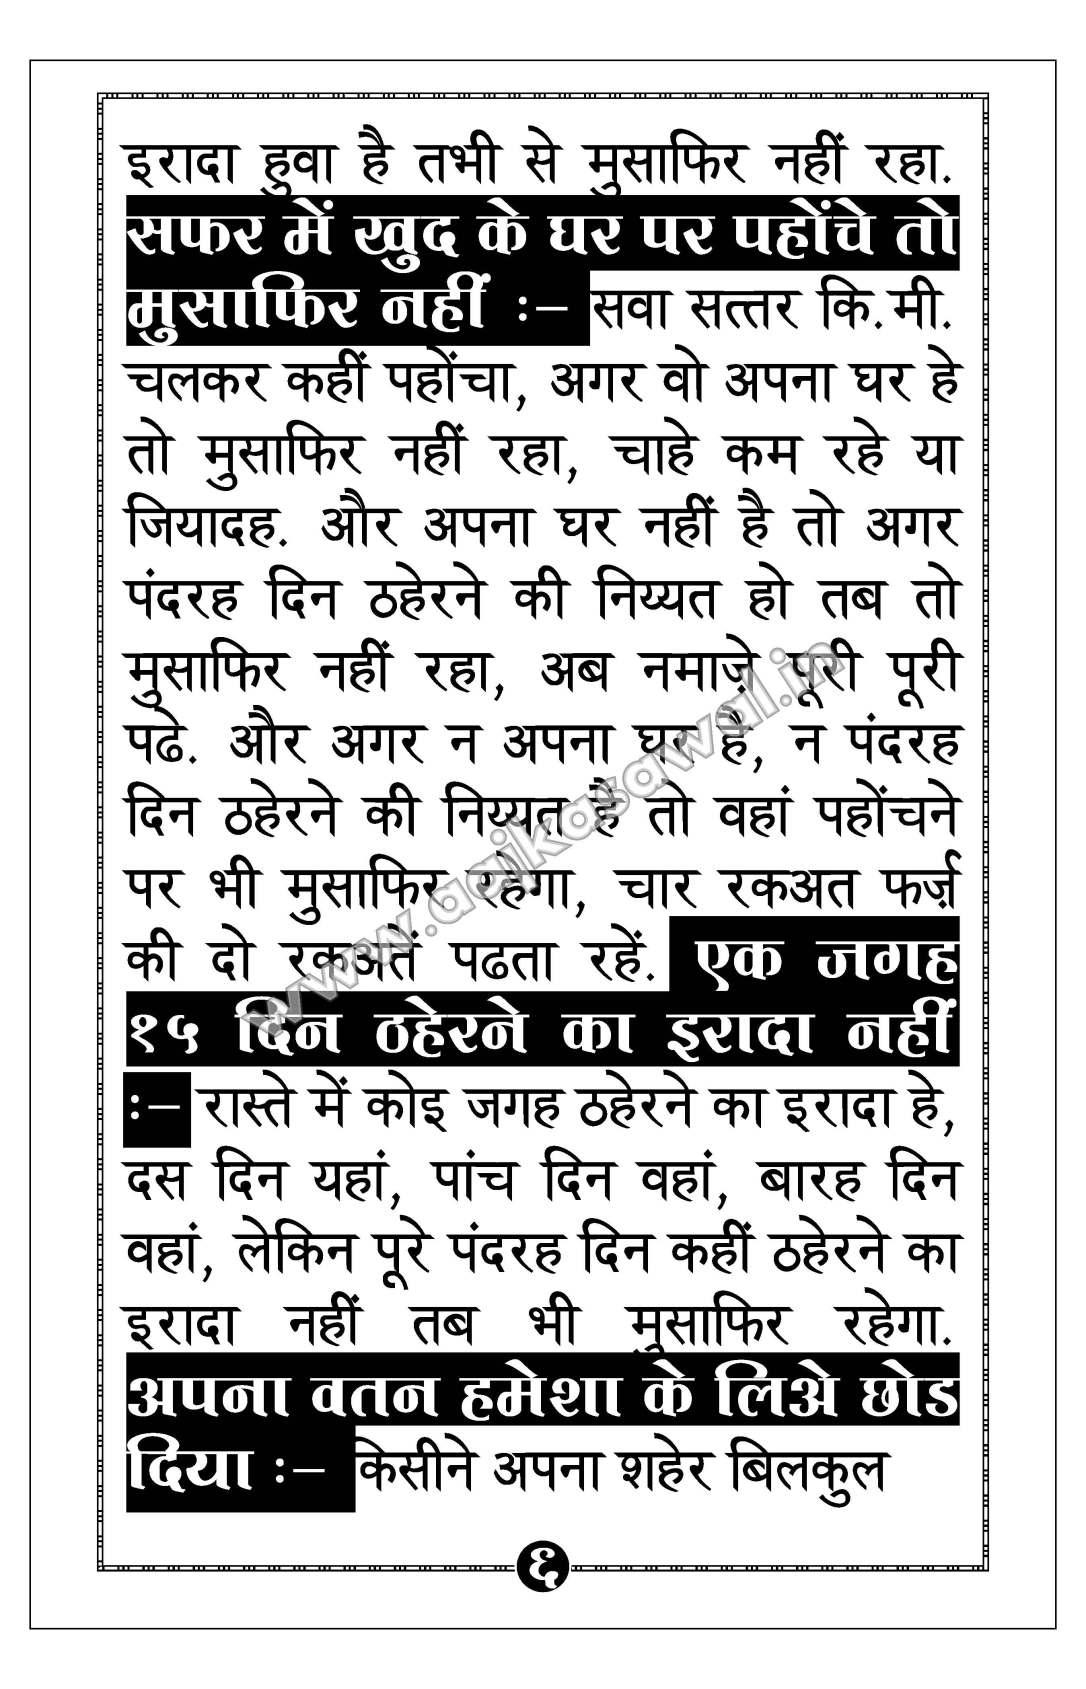 musafir-ki-namaz-hindi_Page_6